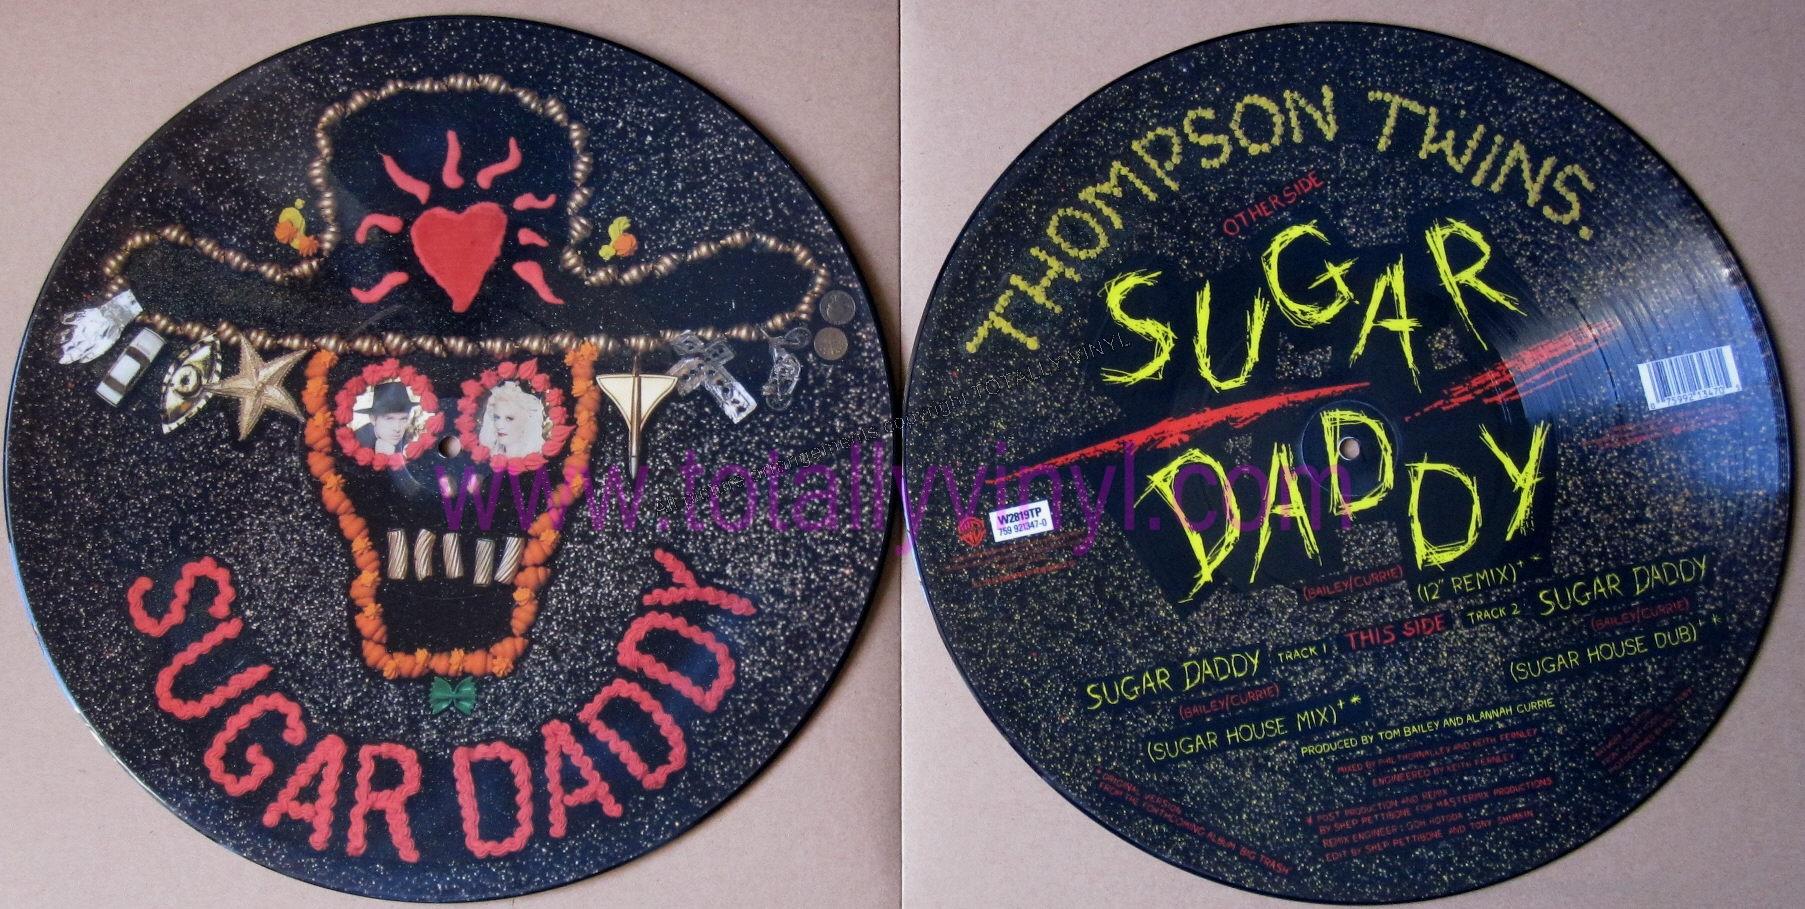 'Sugar Daddy' - Thompson Twins